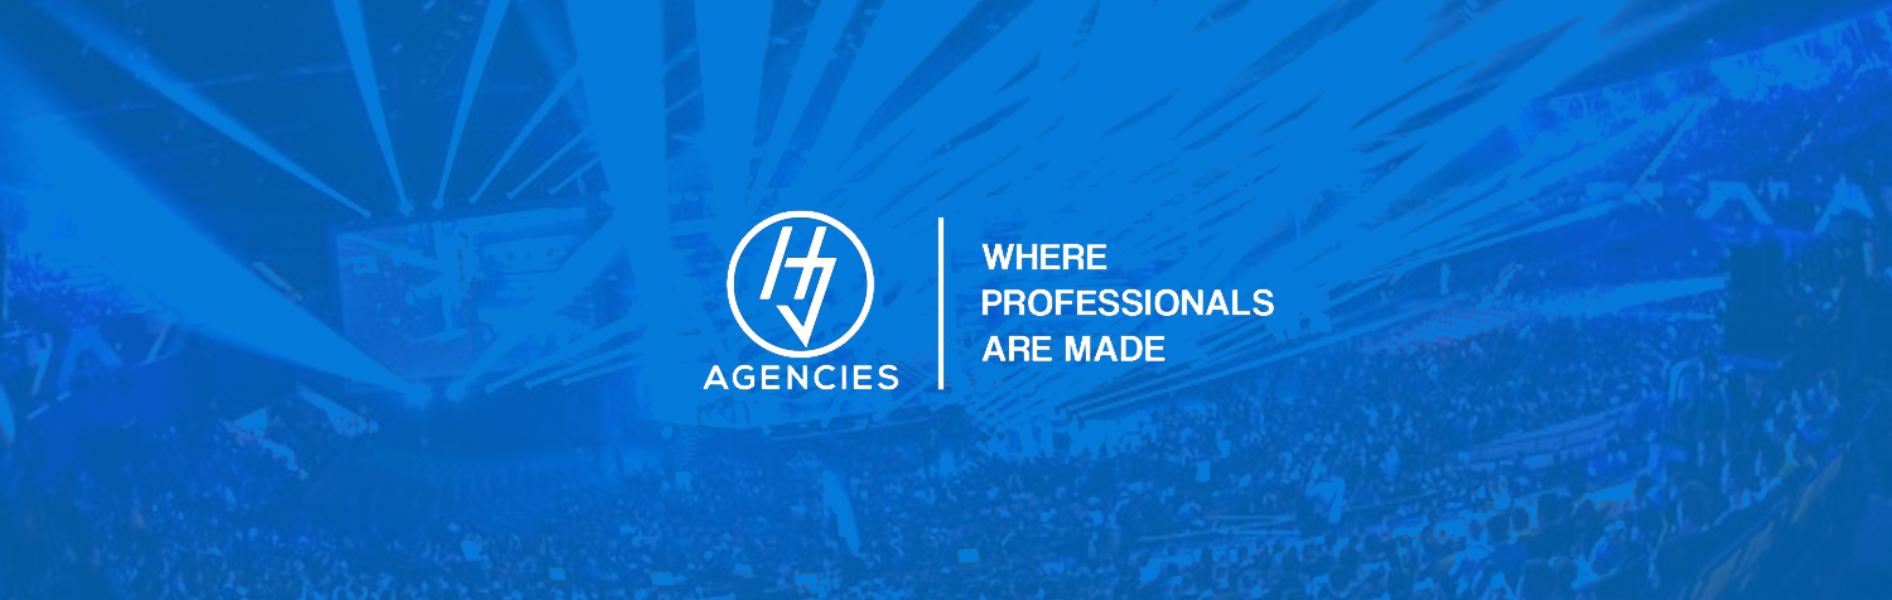 HJ Talent Agencies Banner